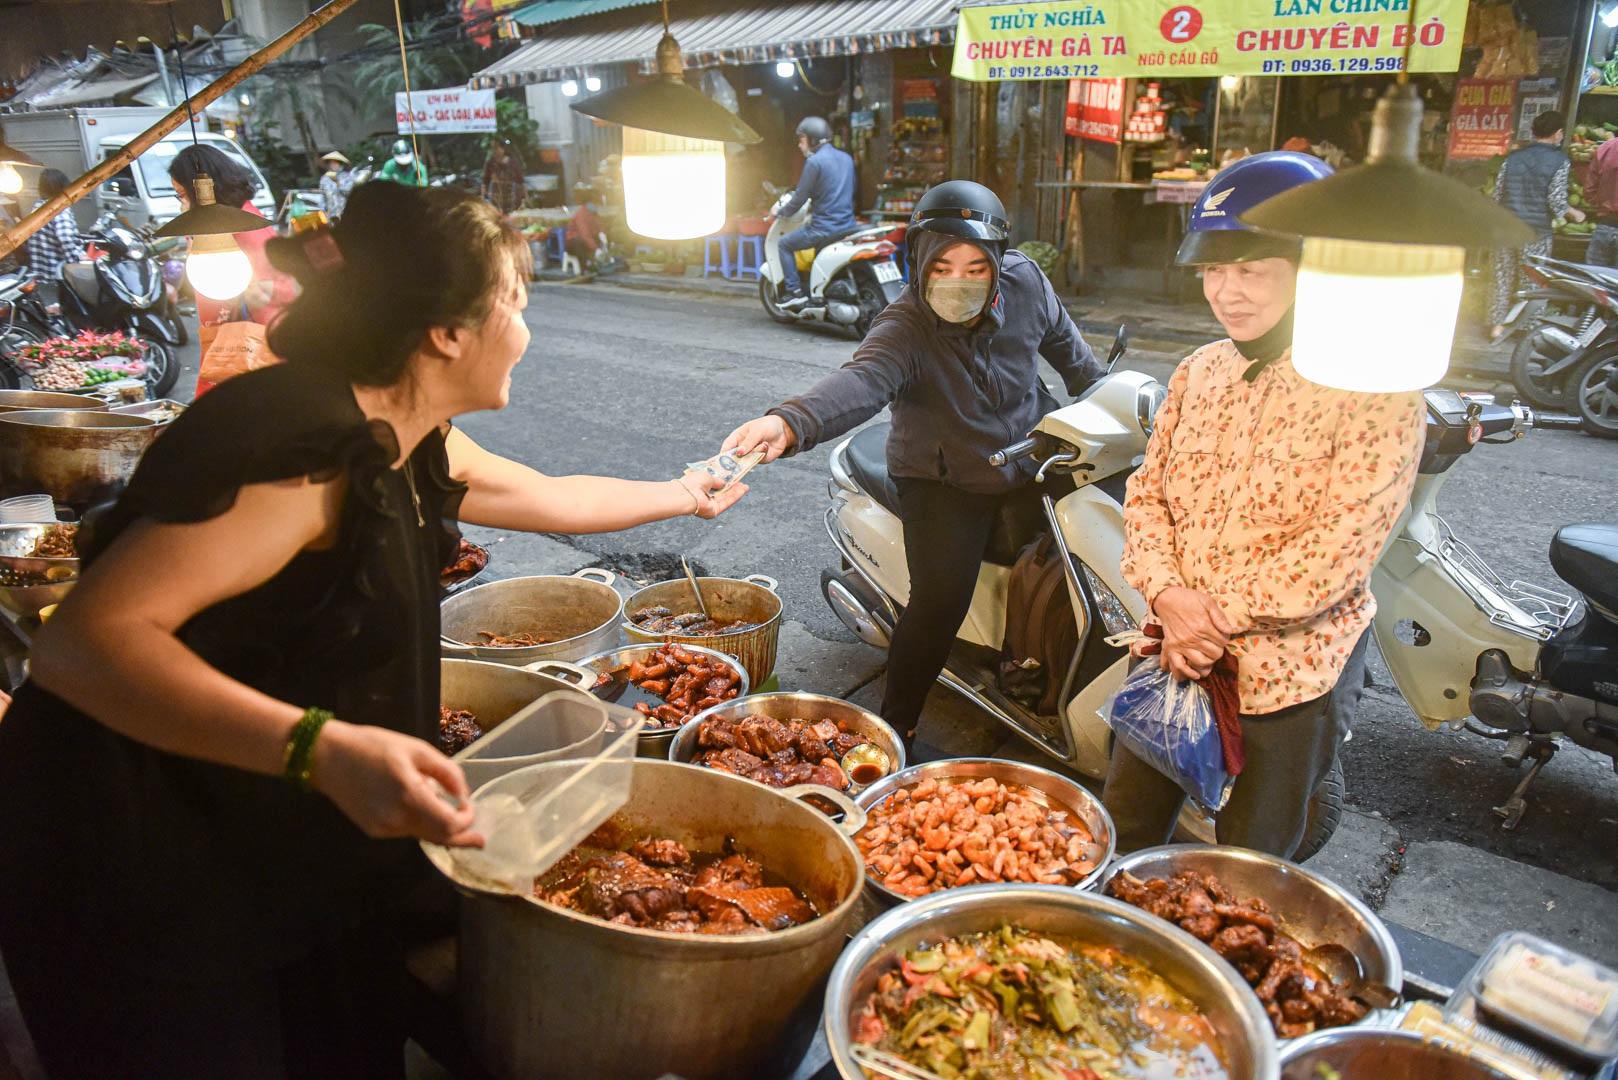 Khu chợ nhà giàu ở Hà Nội, ngày bán hàng trăm cân cá kho - 4